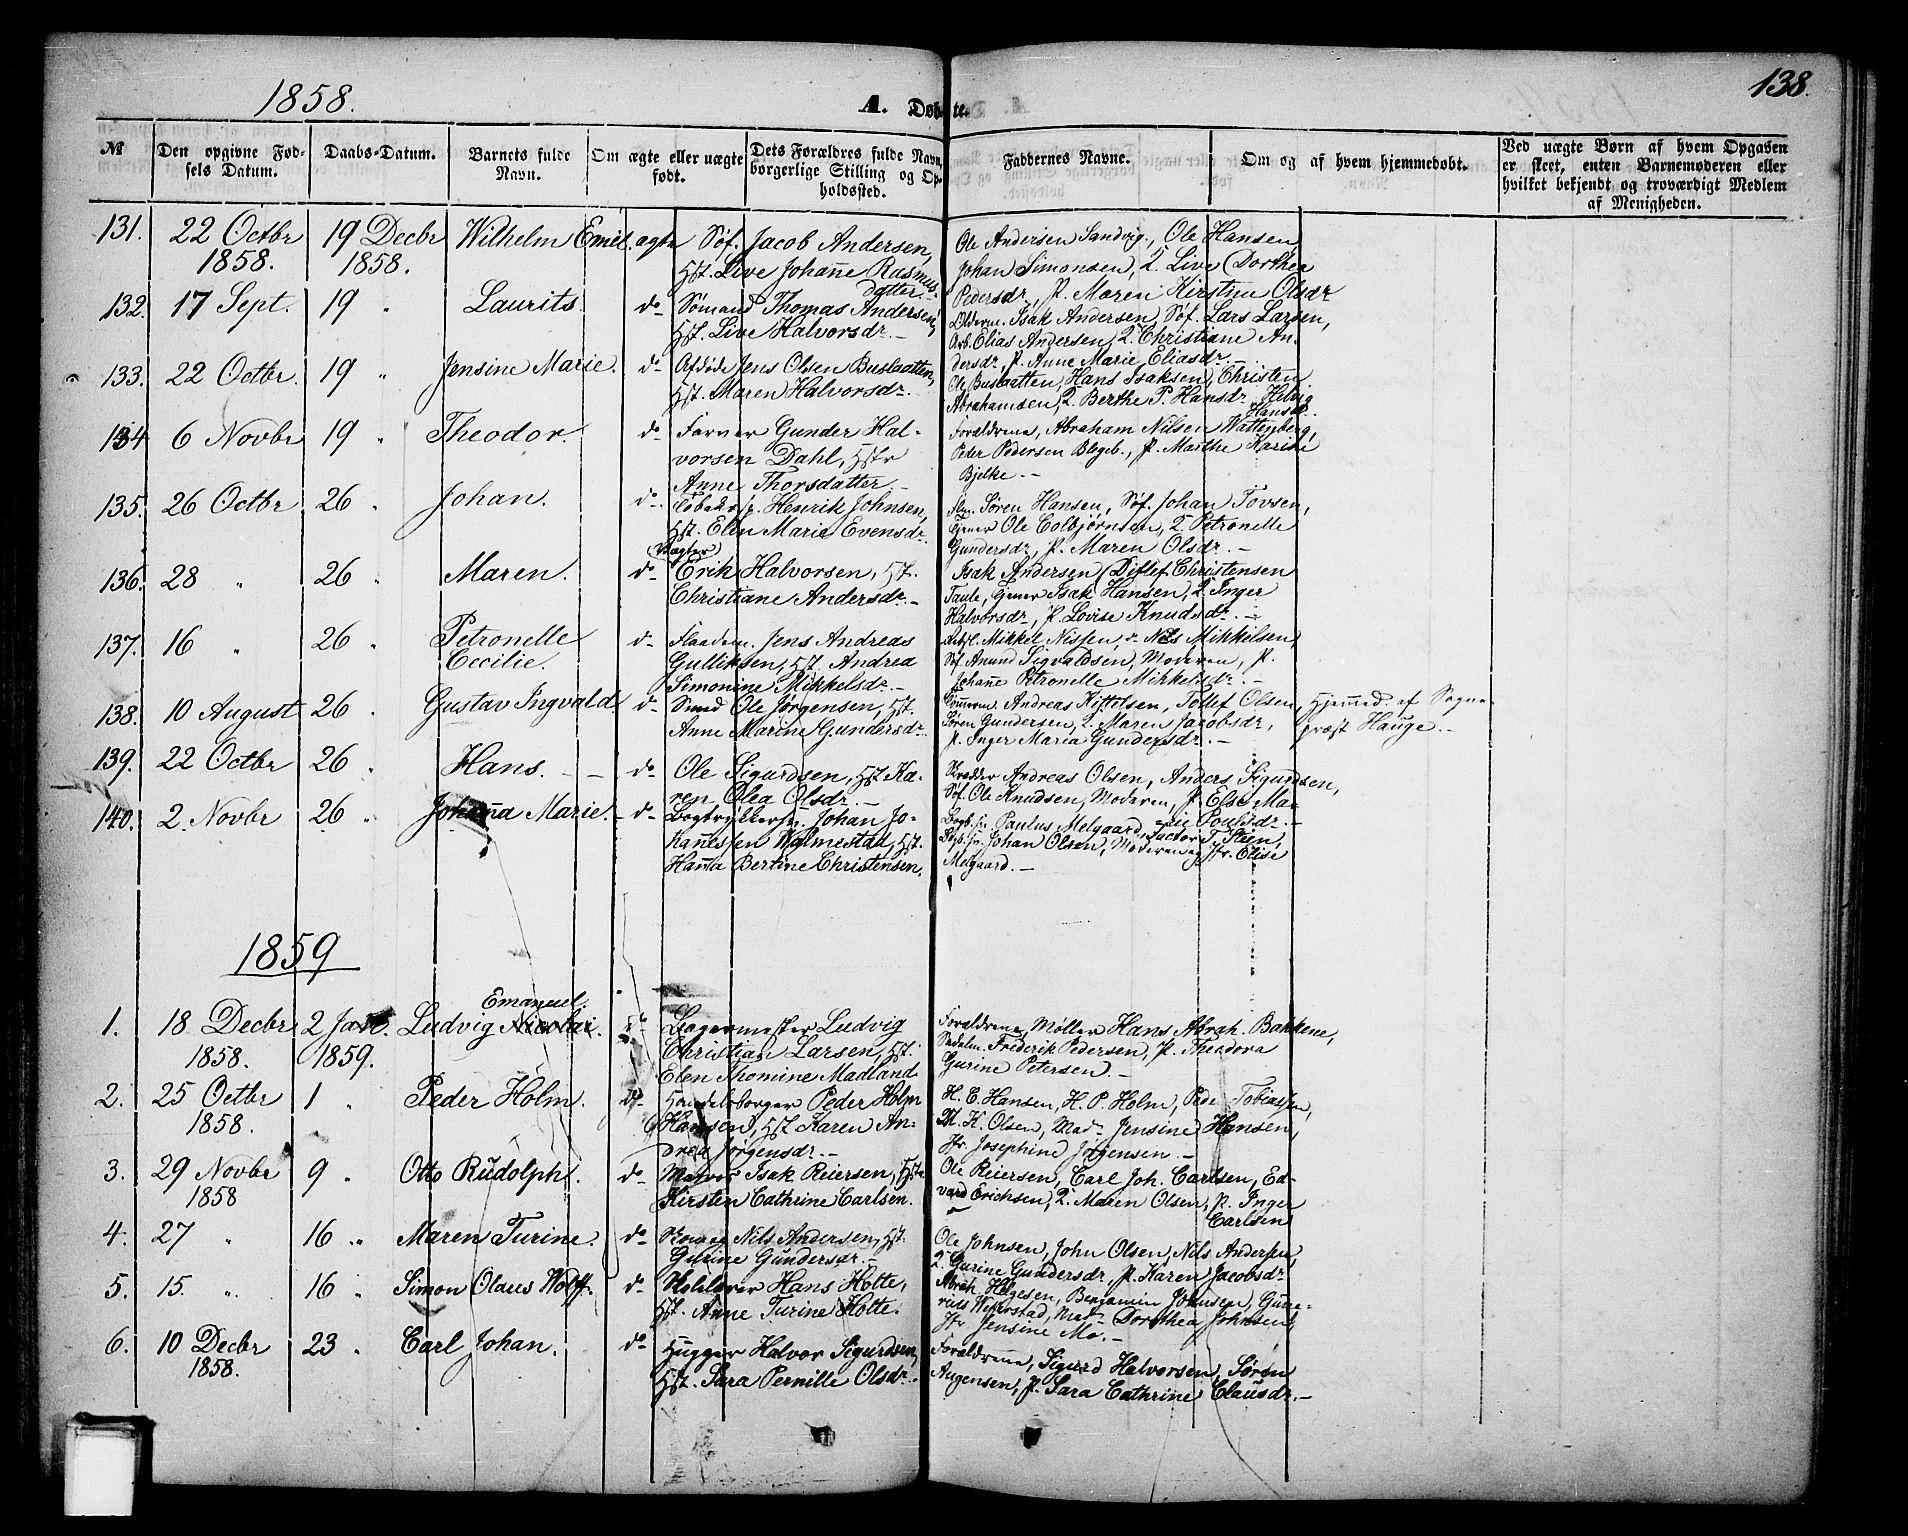 SAKO, Skien kirkebøker, G/Ga/L0004: Klokkerbok nr. 4, 1843-1867, s. 138